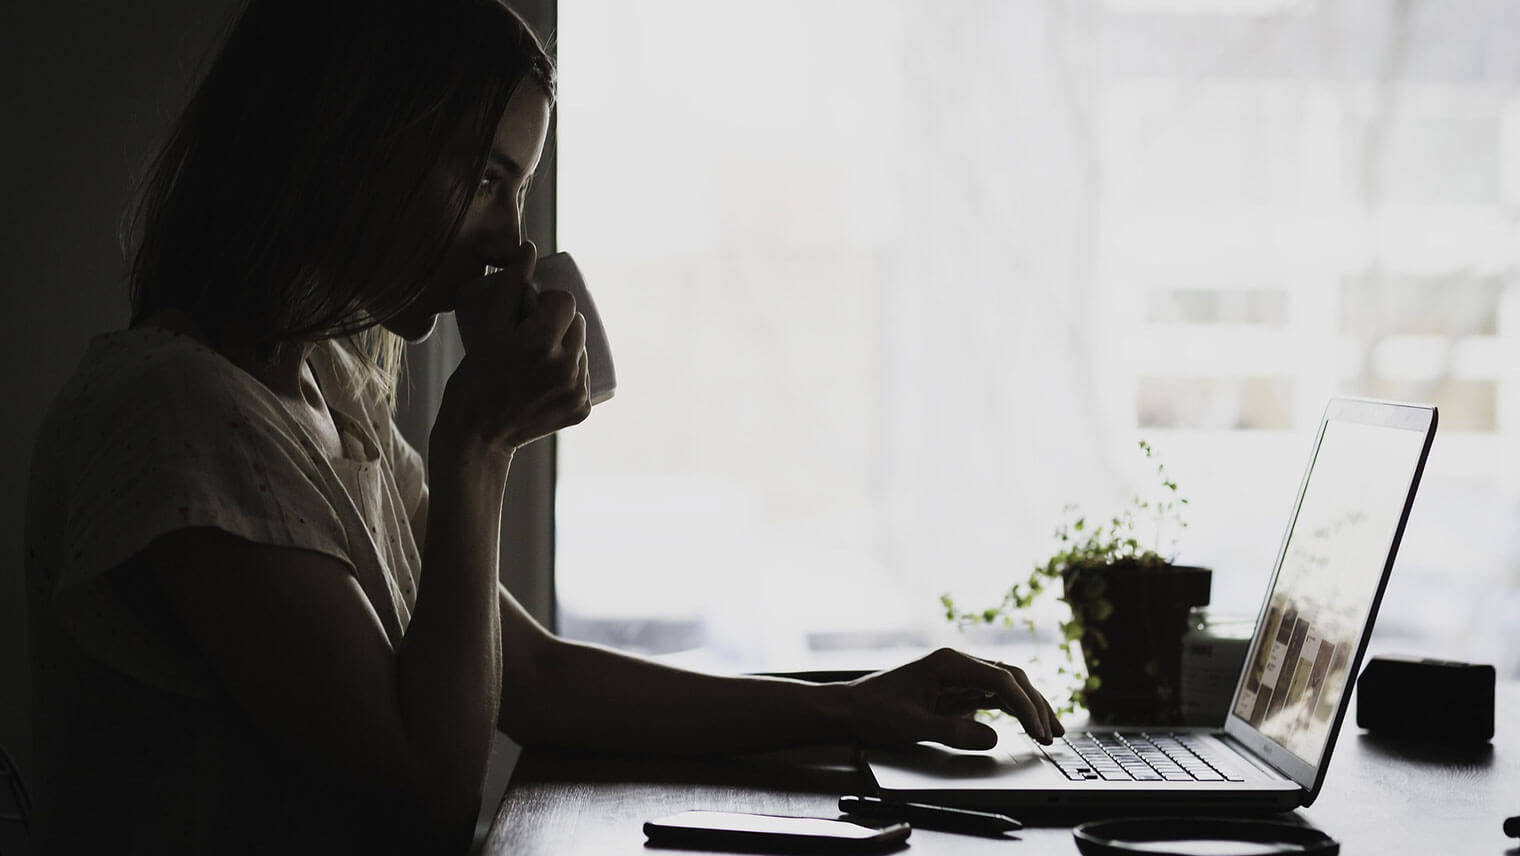 逆光の中でPCを触っている女性がコーヒーを飲んでいる暗めの画像